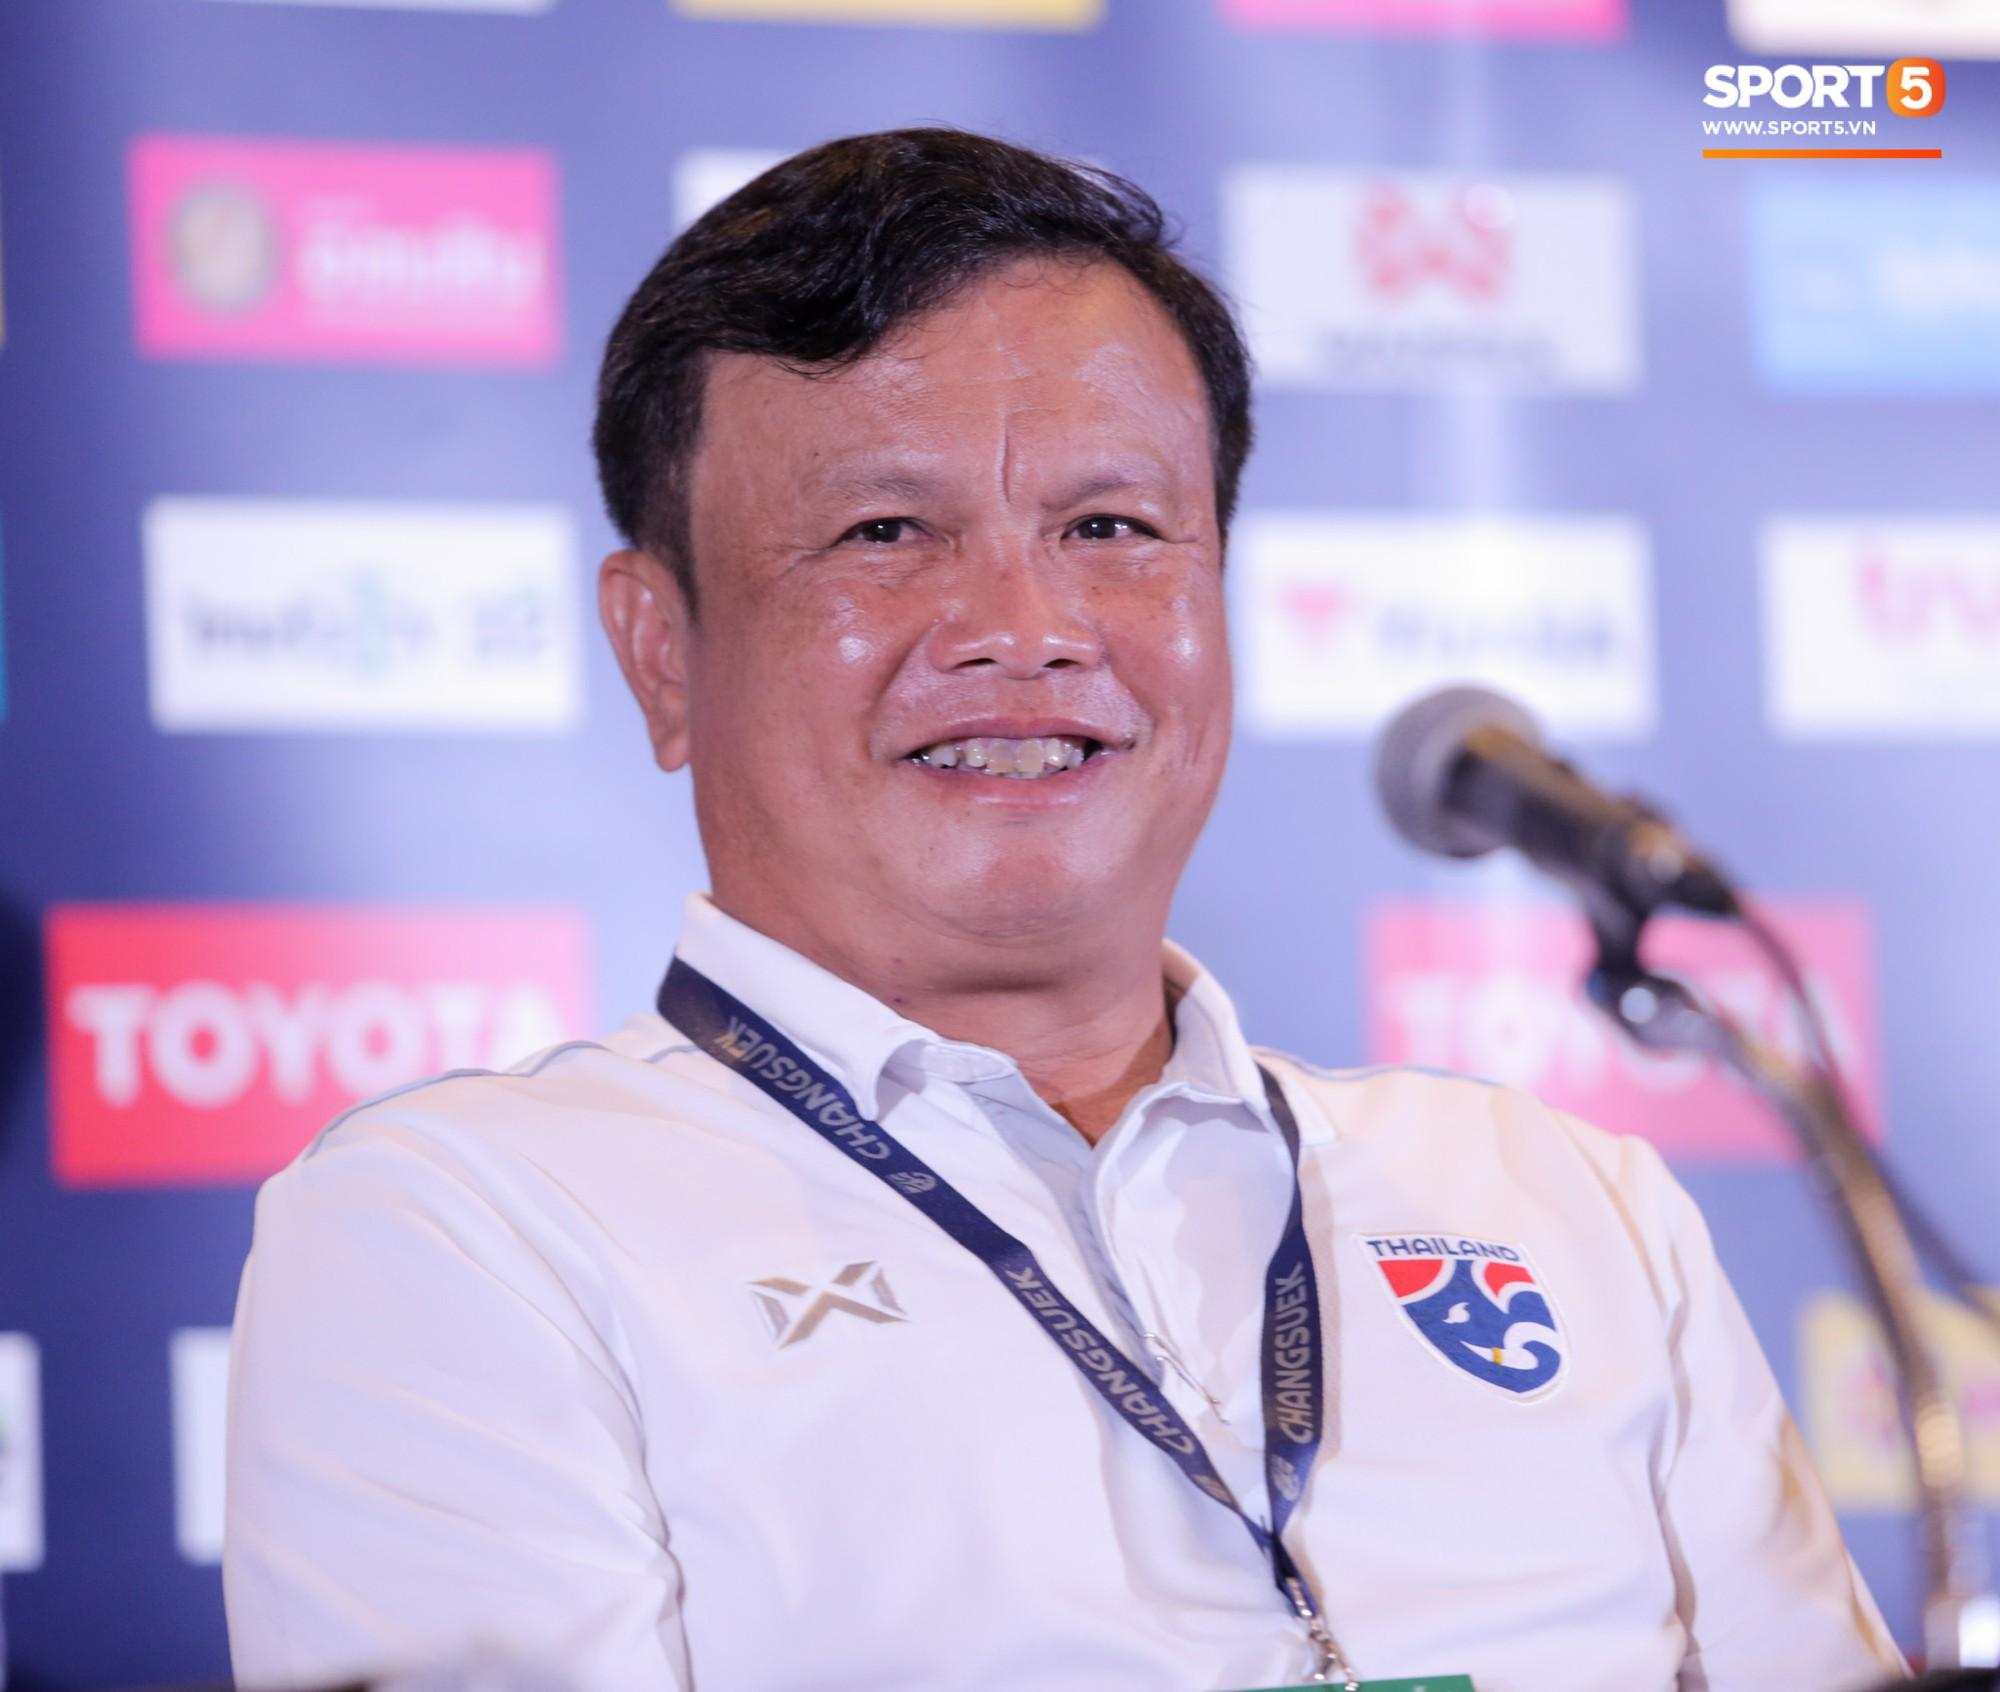 HLV tuyển Thái Lan bật cười khi được hỏi đội nhà hay Việt Nam xuất sắc nhất Đông Nam Á - Ảnh 1.